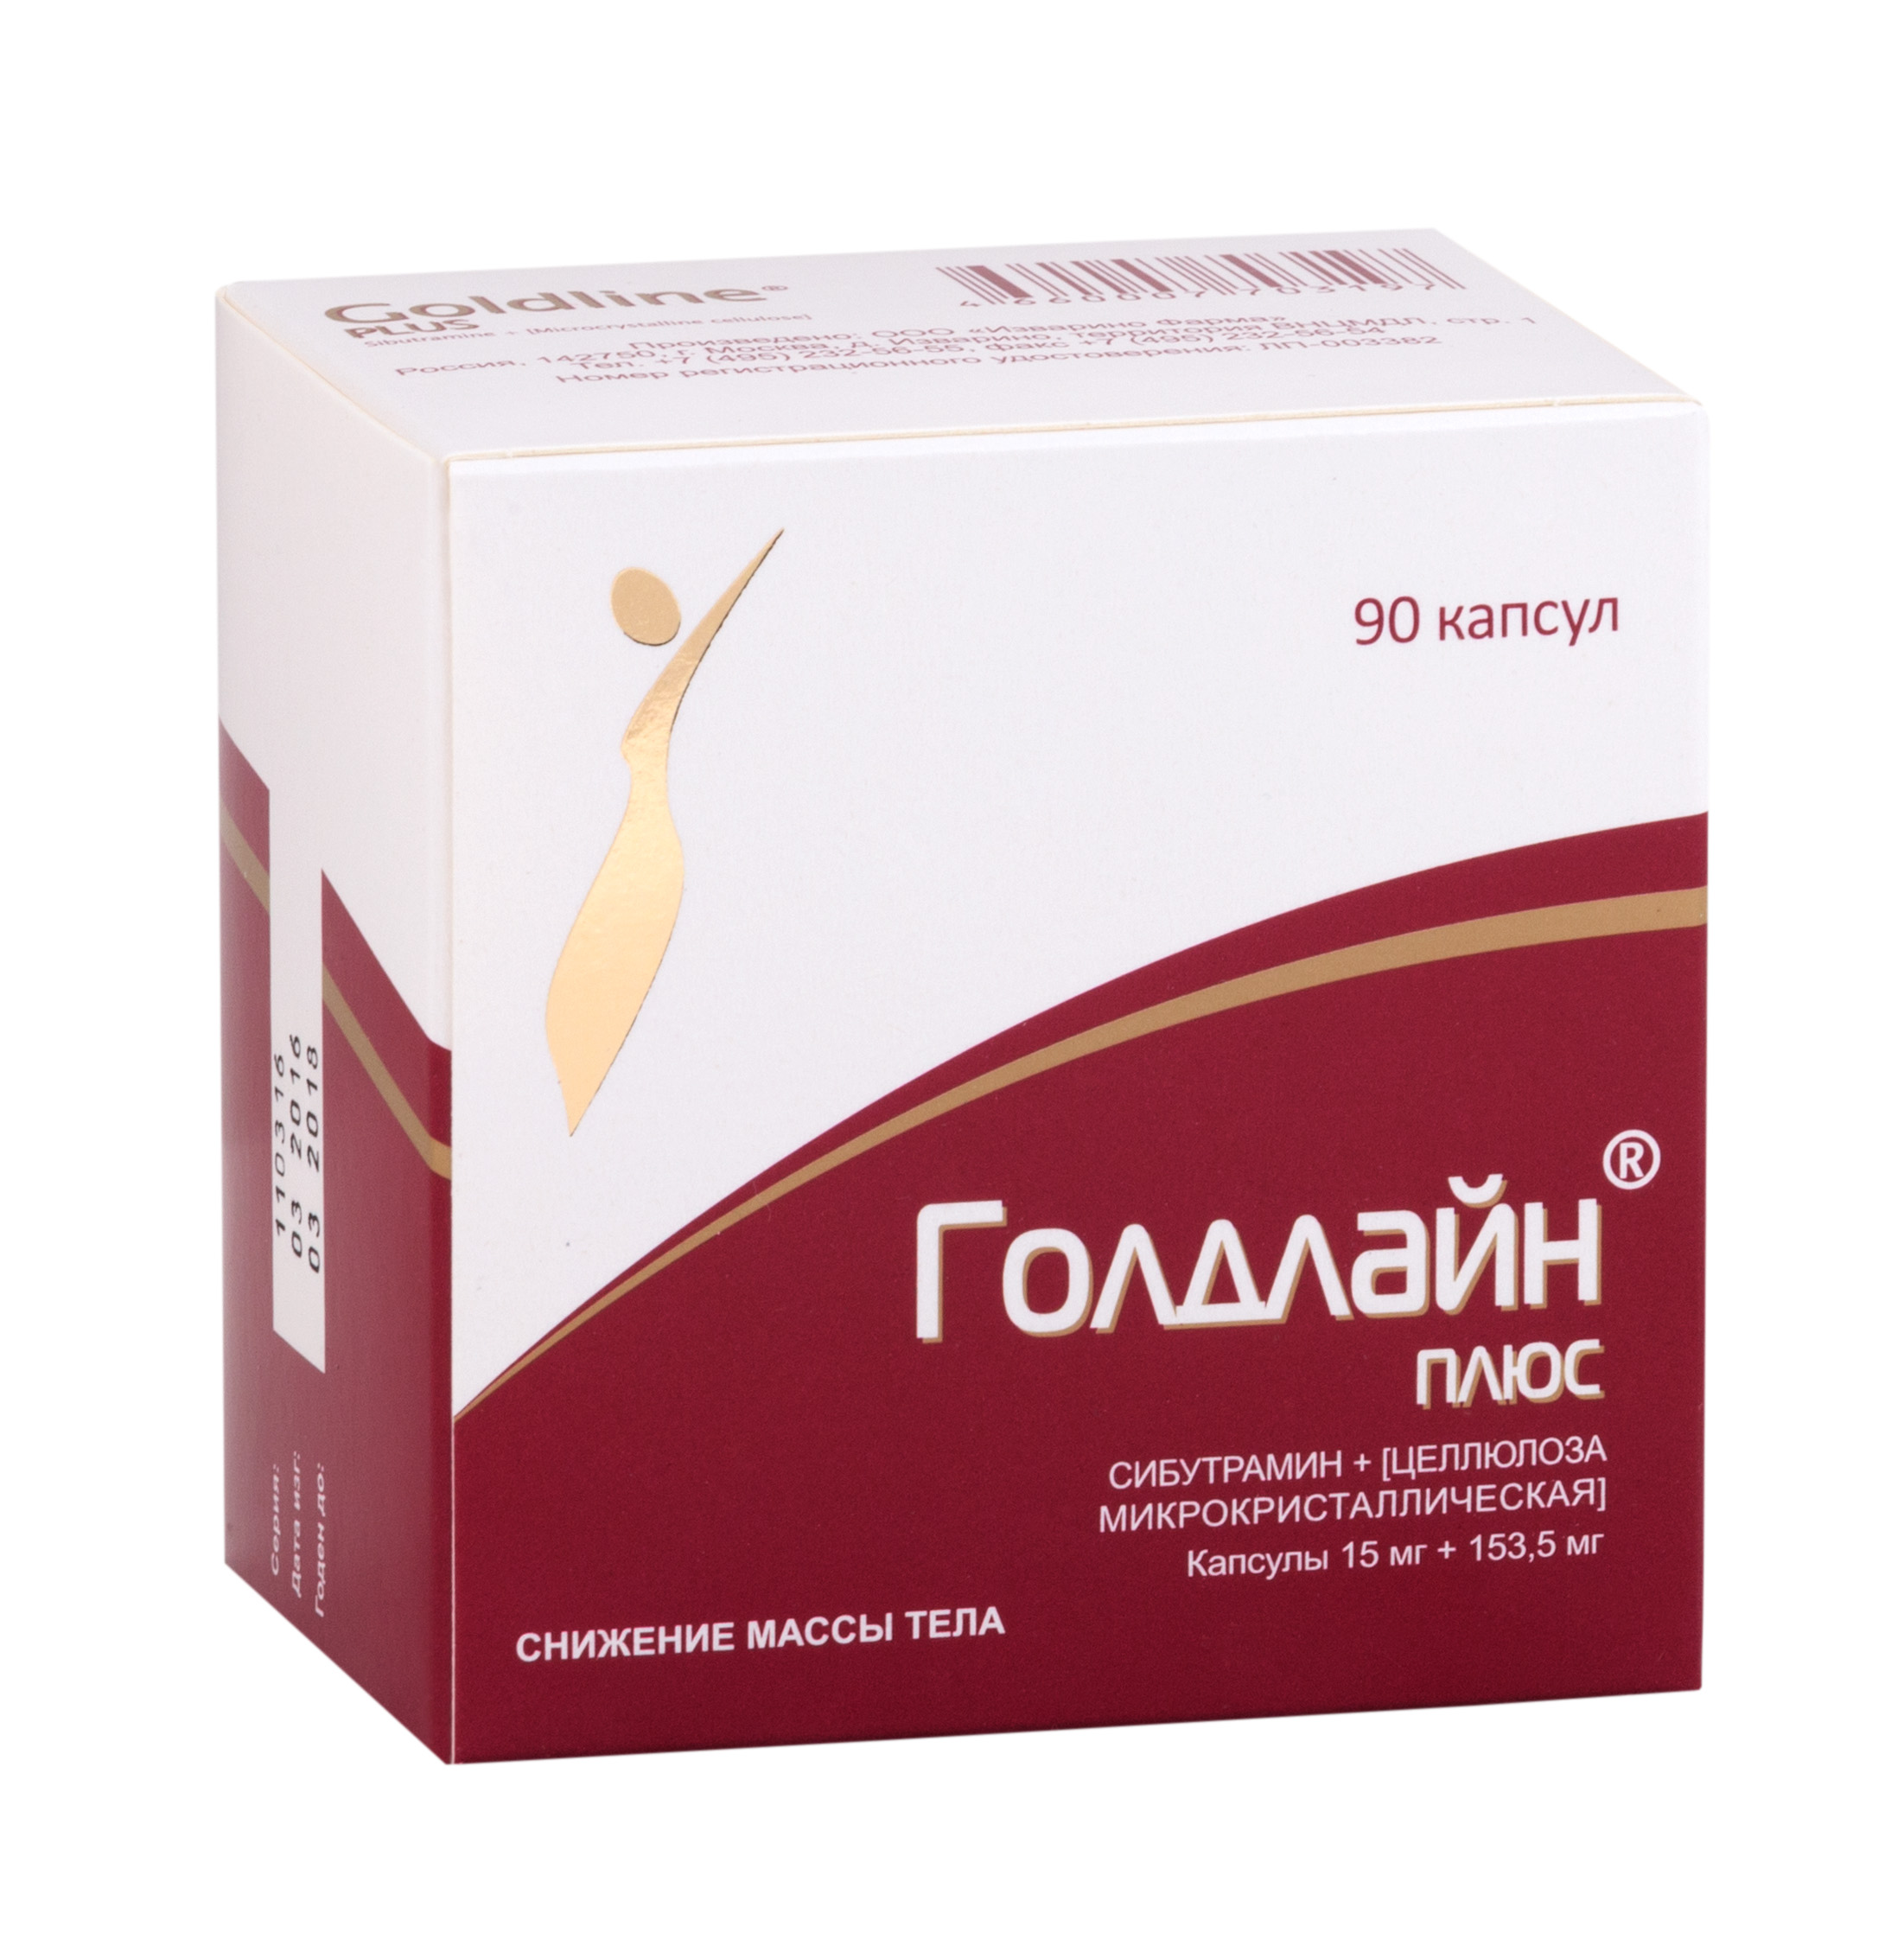 таблетки для похудения голд лайт отзывы